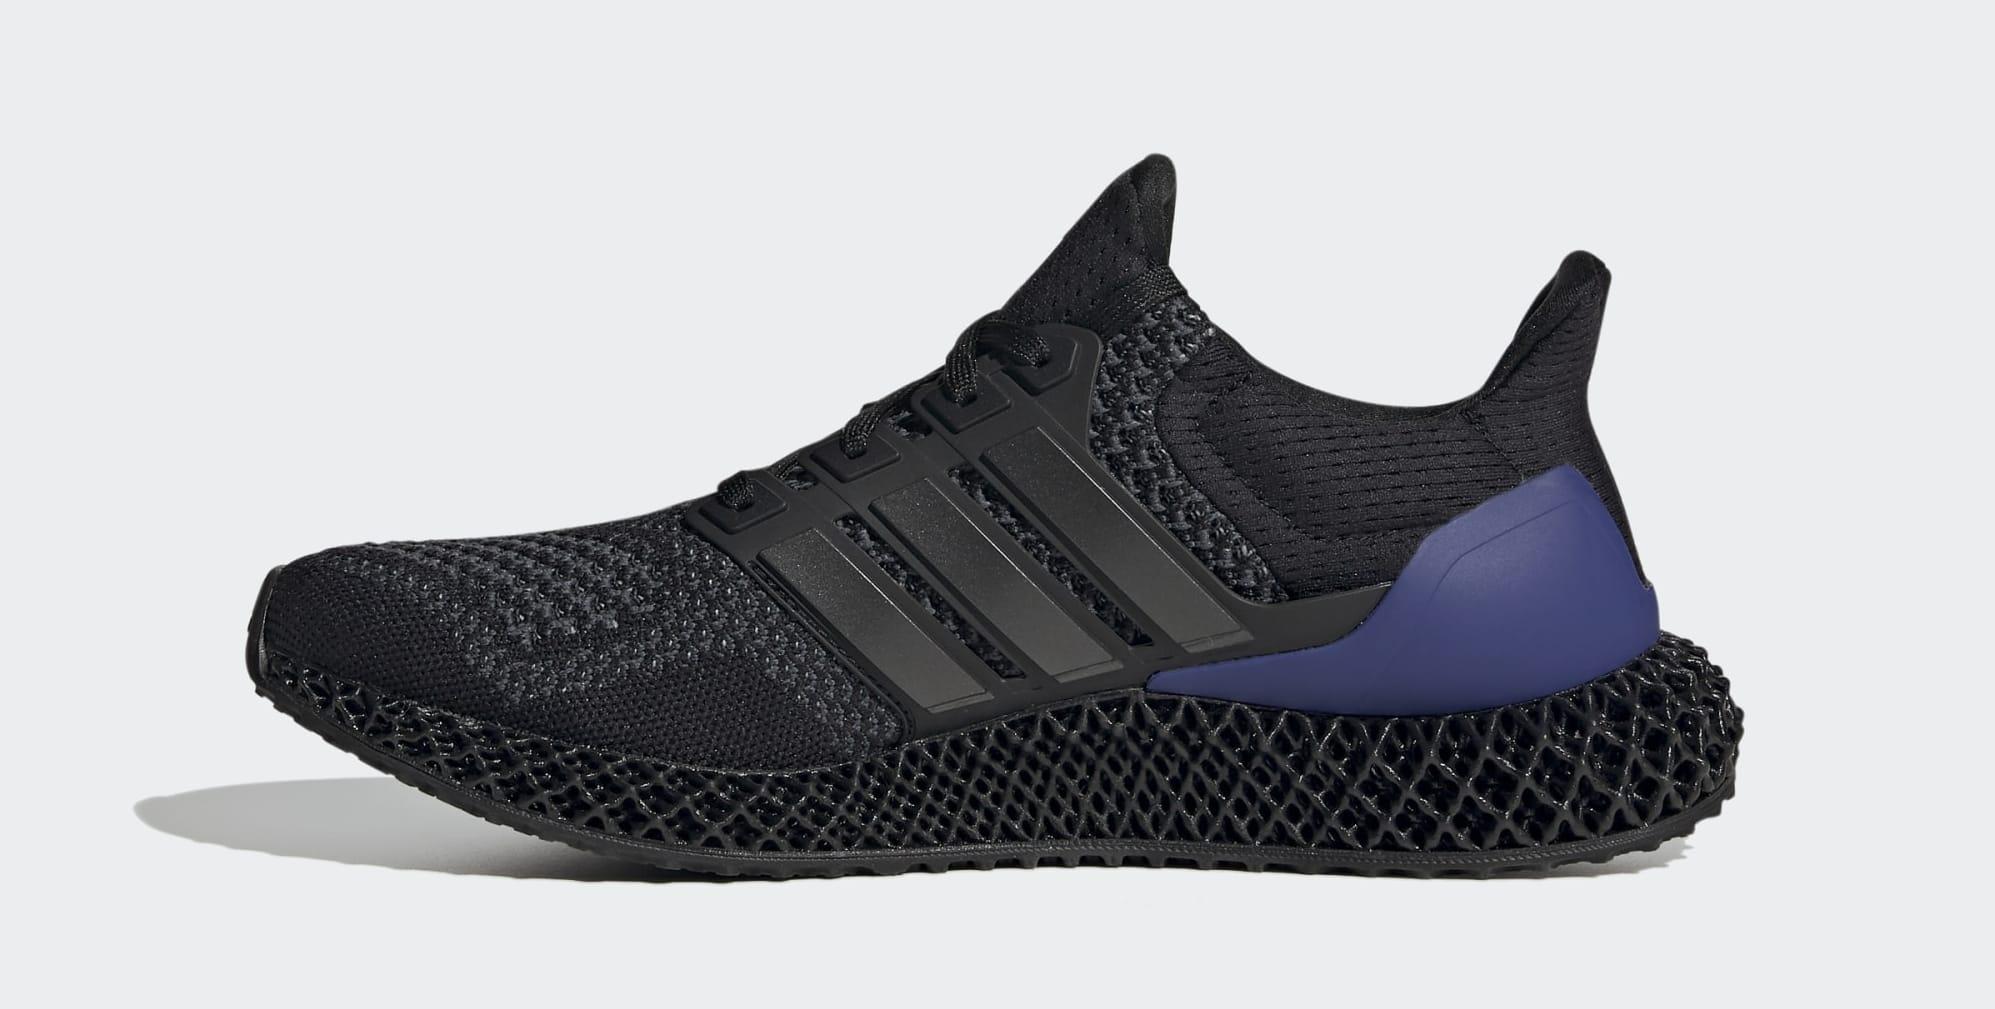 Adidas Ultra 4D 'OG' FW7089 Medial